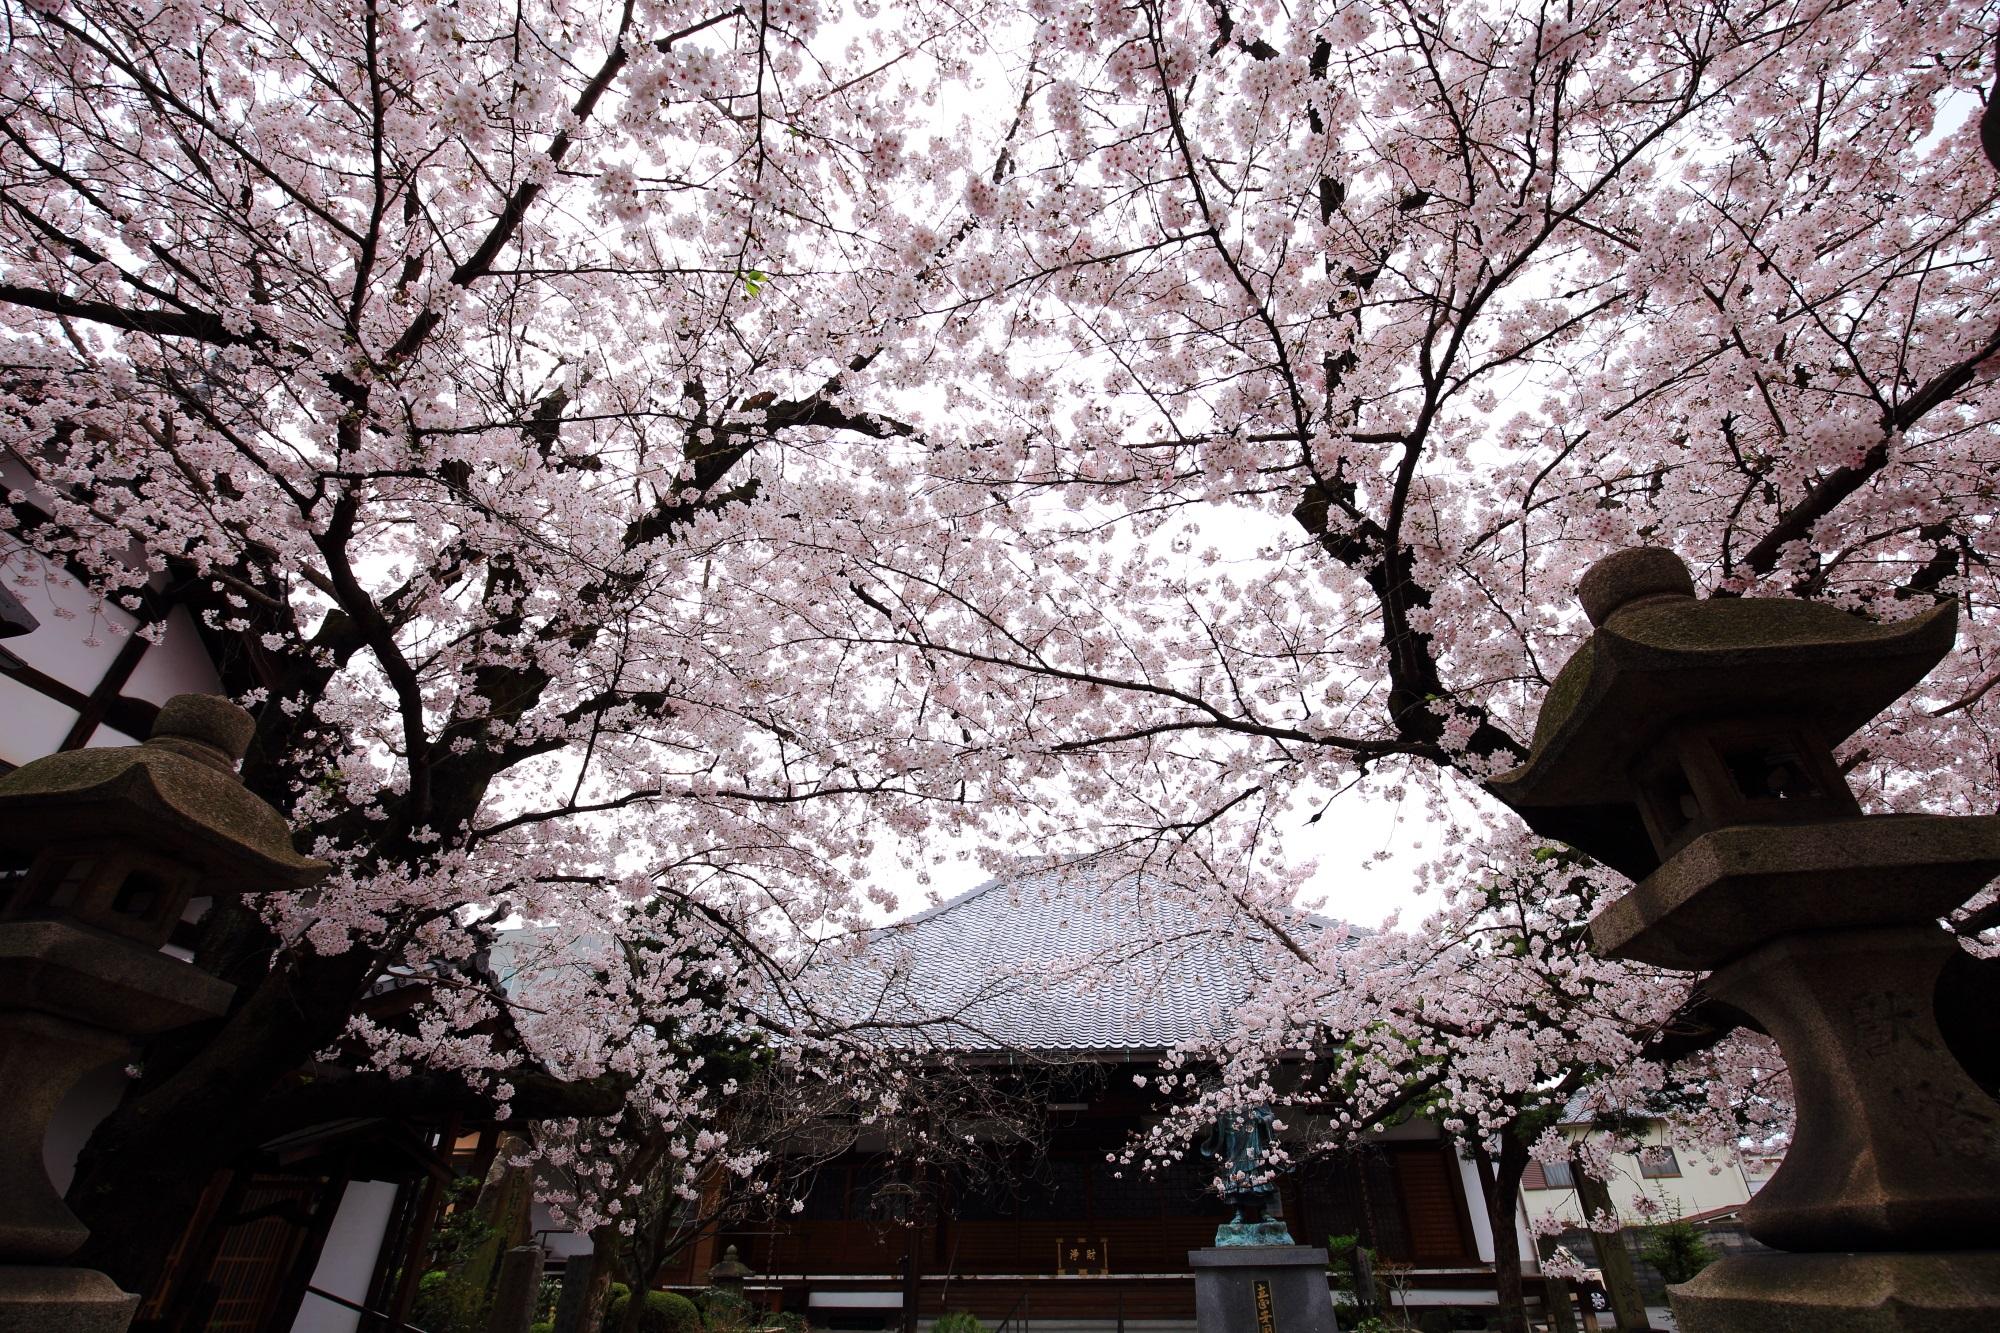 墨染寺(ぼくせんじ)の空を覆う満開の桜